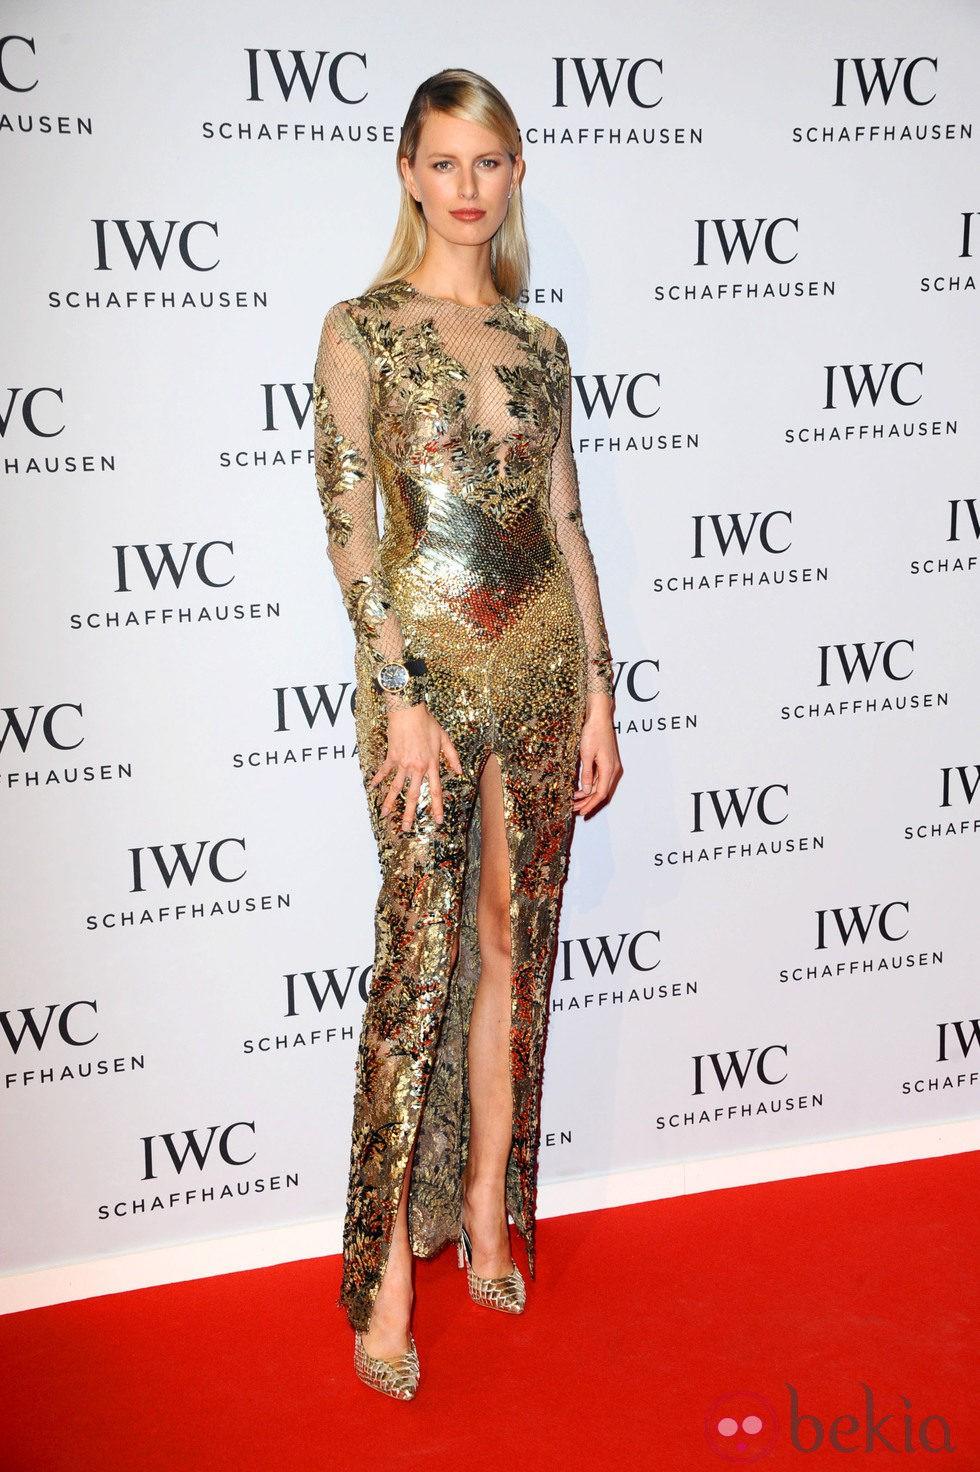 Karolina Kurkova en la presentación de la colección 'Aquatimer' de IWC